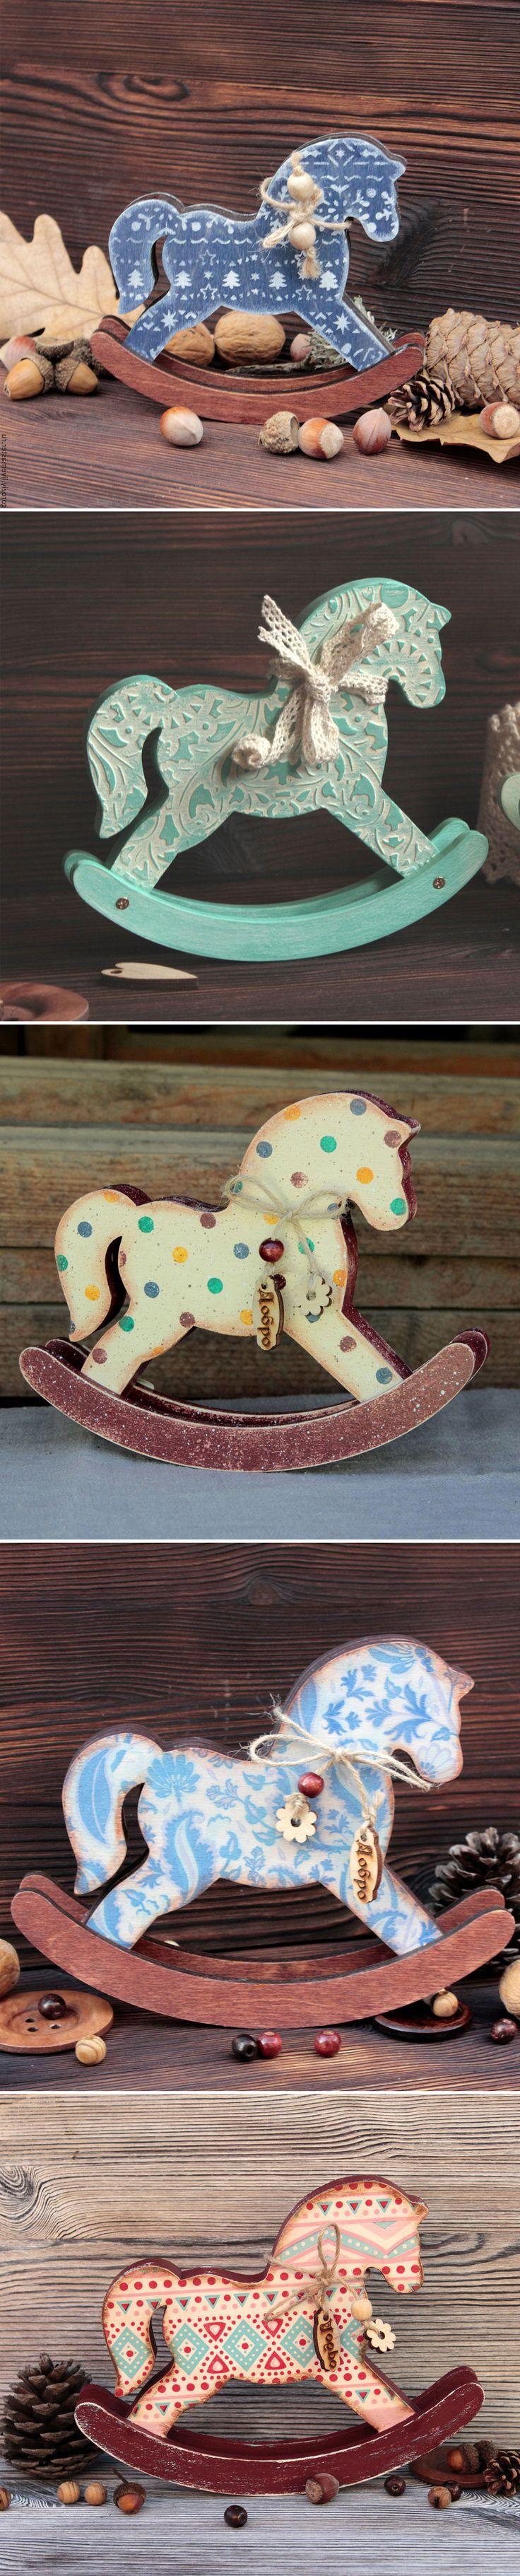 Children Rocking Horse | Игрушечные лошади-качалки — Купить, заказать, лошадь, качалка, лошадь-качалка, дерево, ручная работа